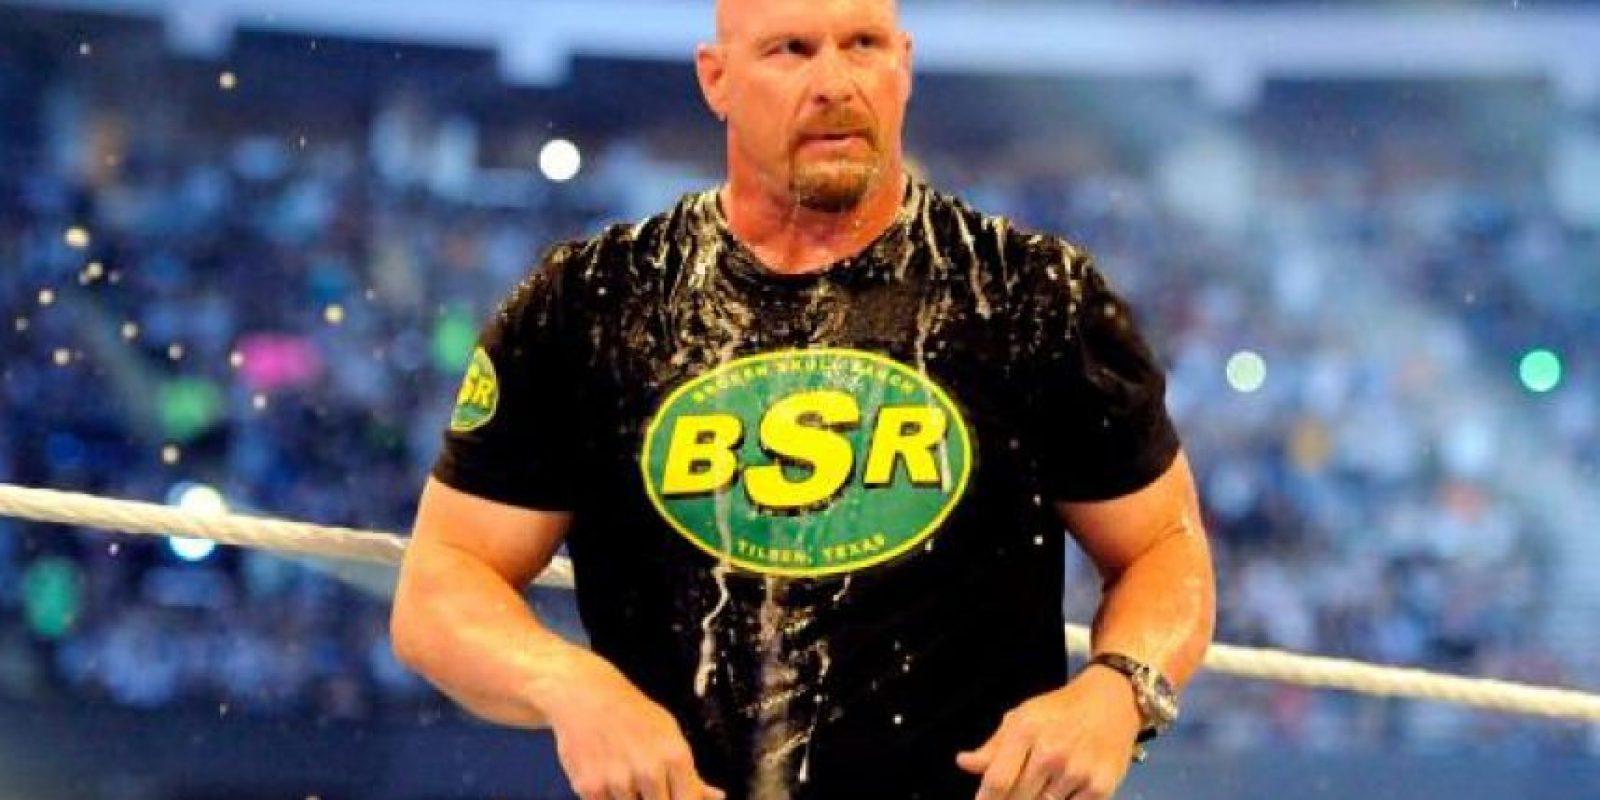 Es considerado el líder de la Era Attitude Foto:WWE